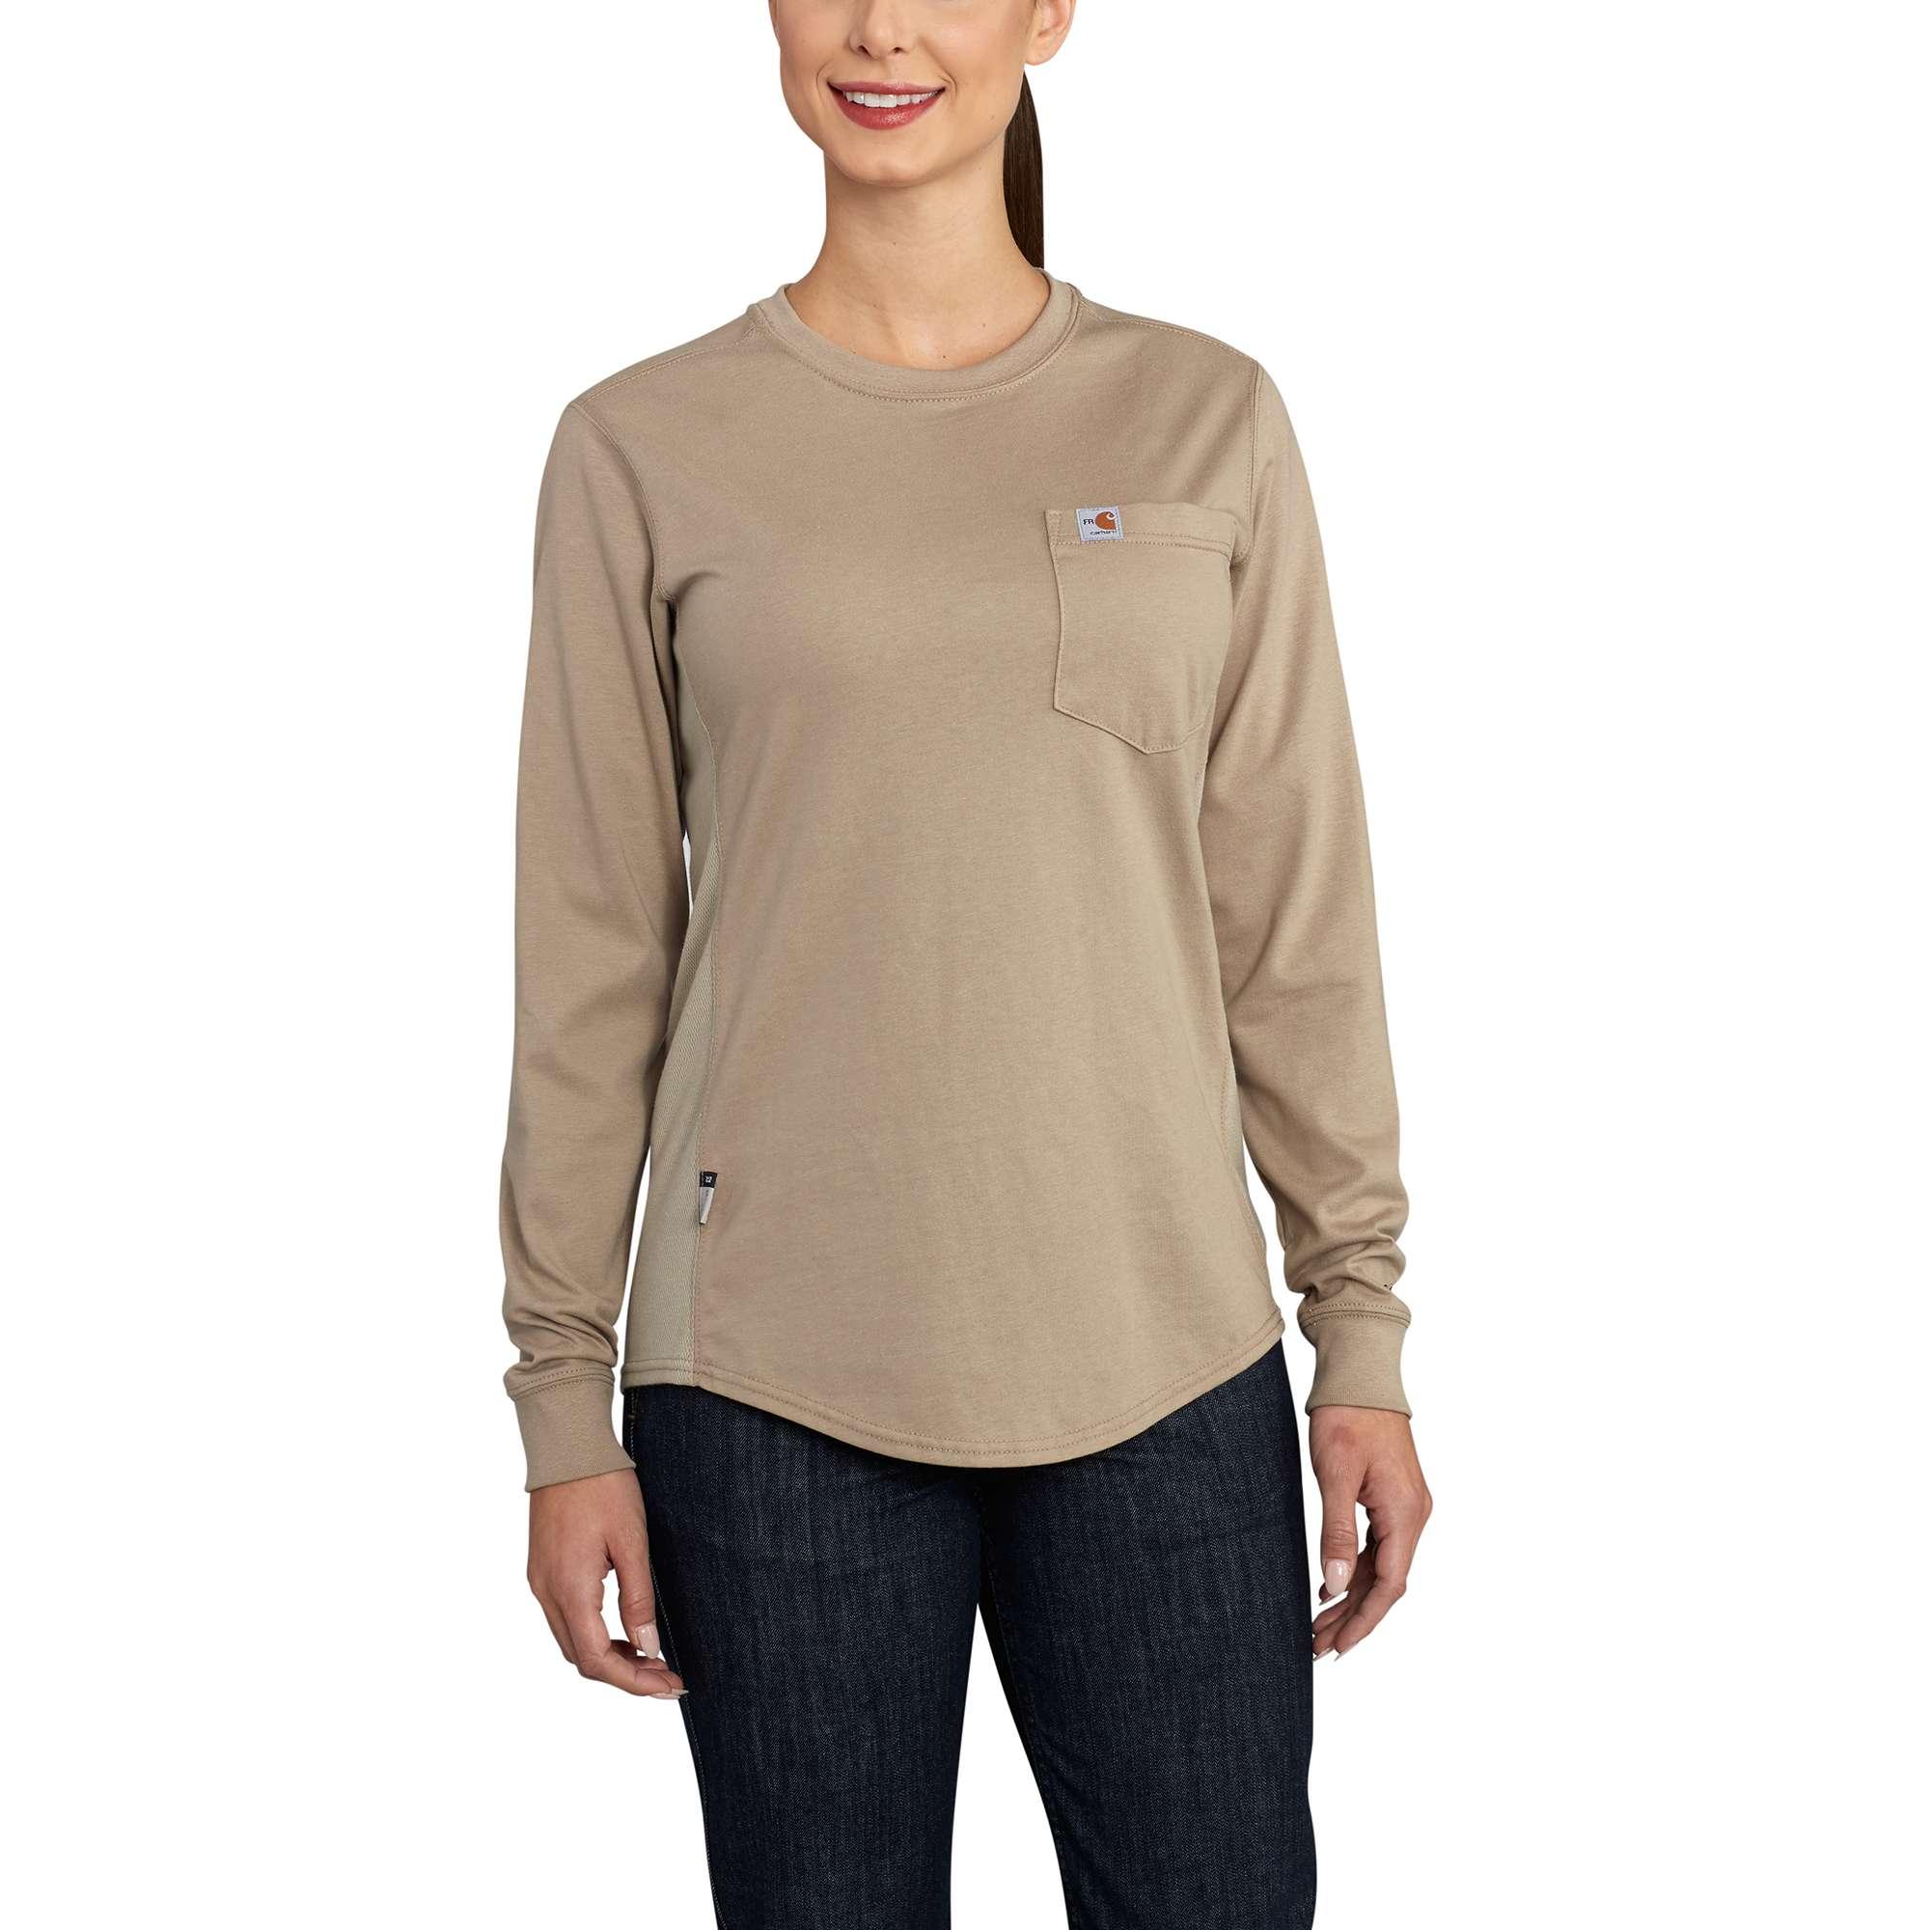 Carhartt Women's FR Force Cotton Long-Sleeve Crewneck T-Shirt